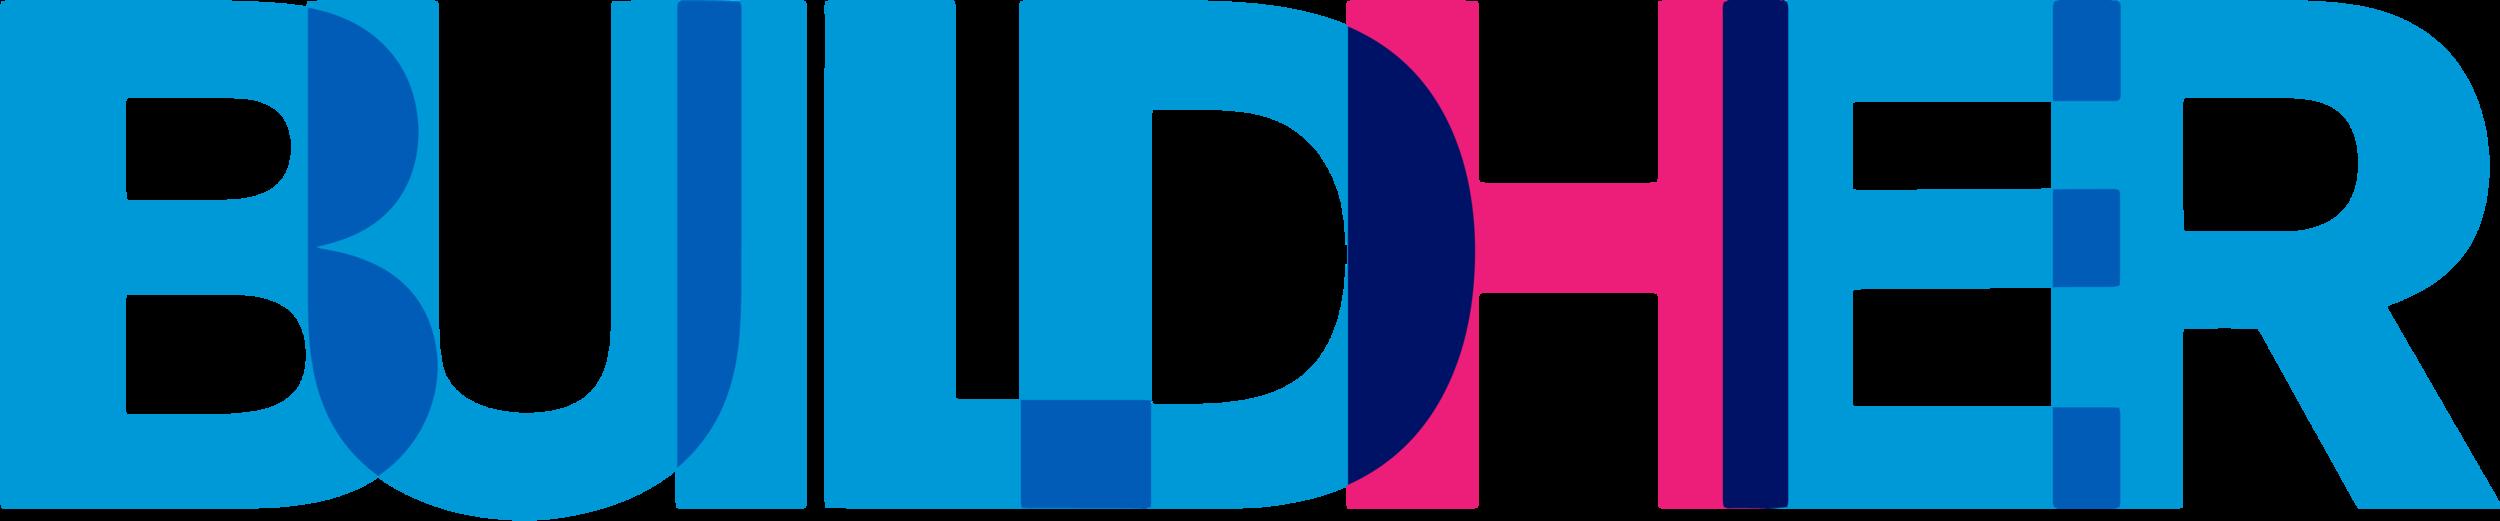 Builder_Logo.png